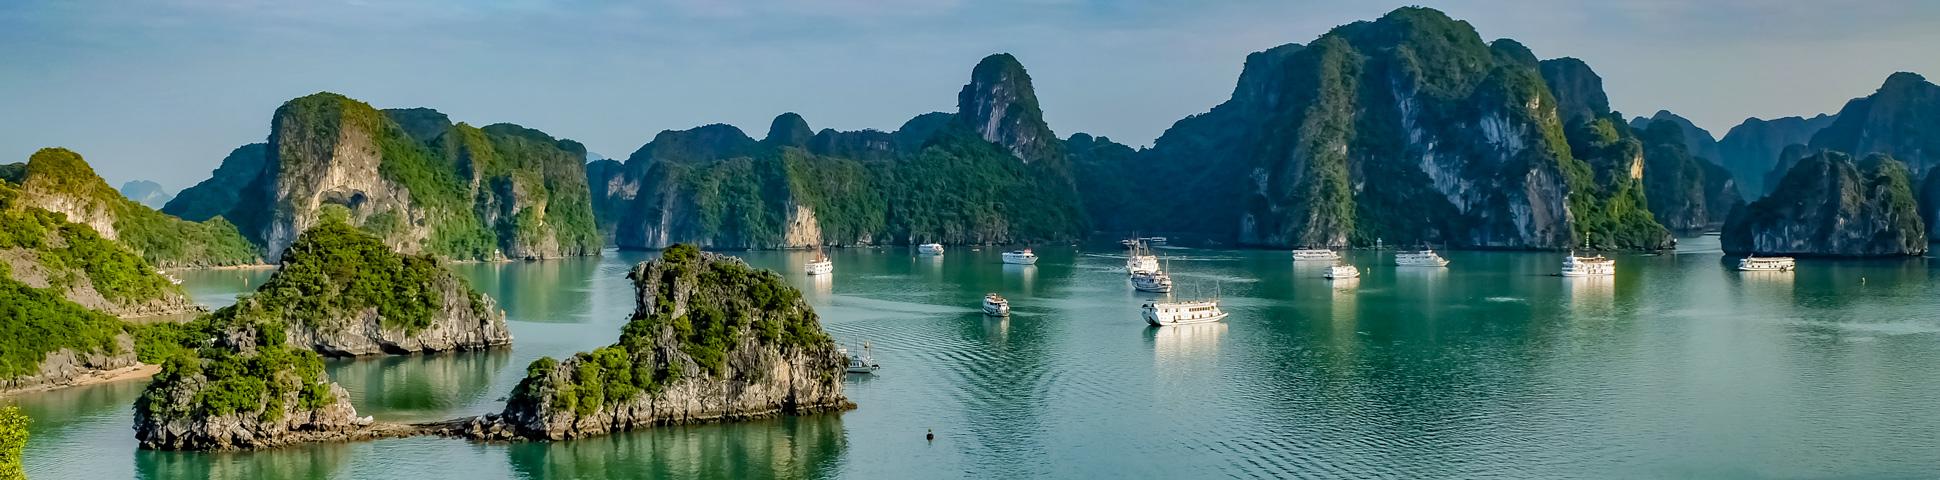 Panoramic views on Bike and Beaches of the Vietnam Coast